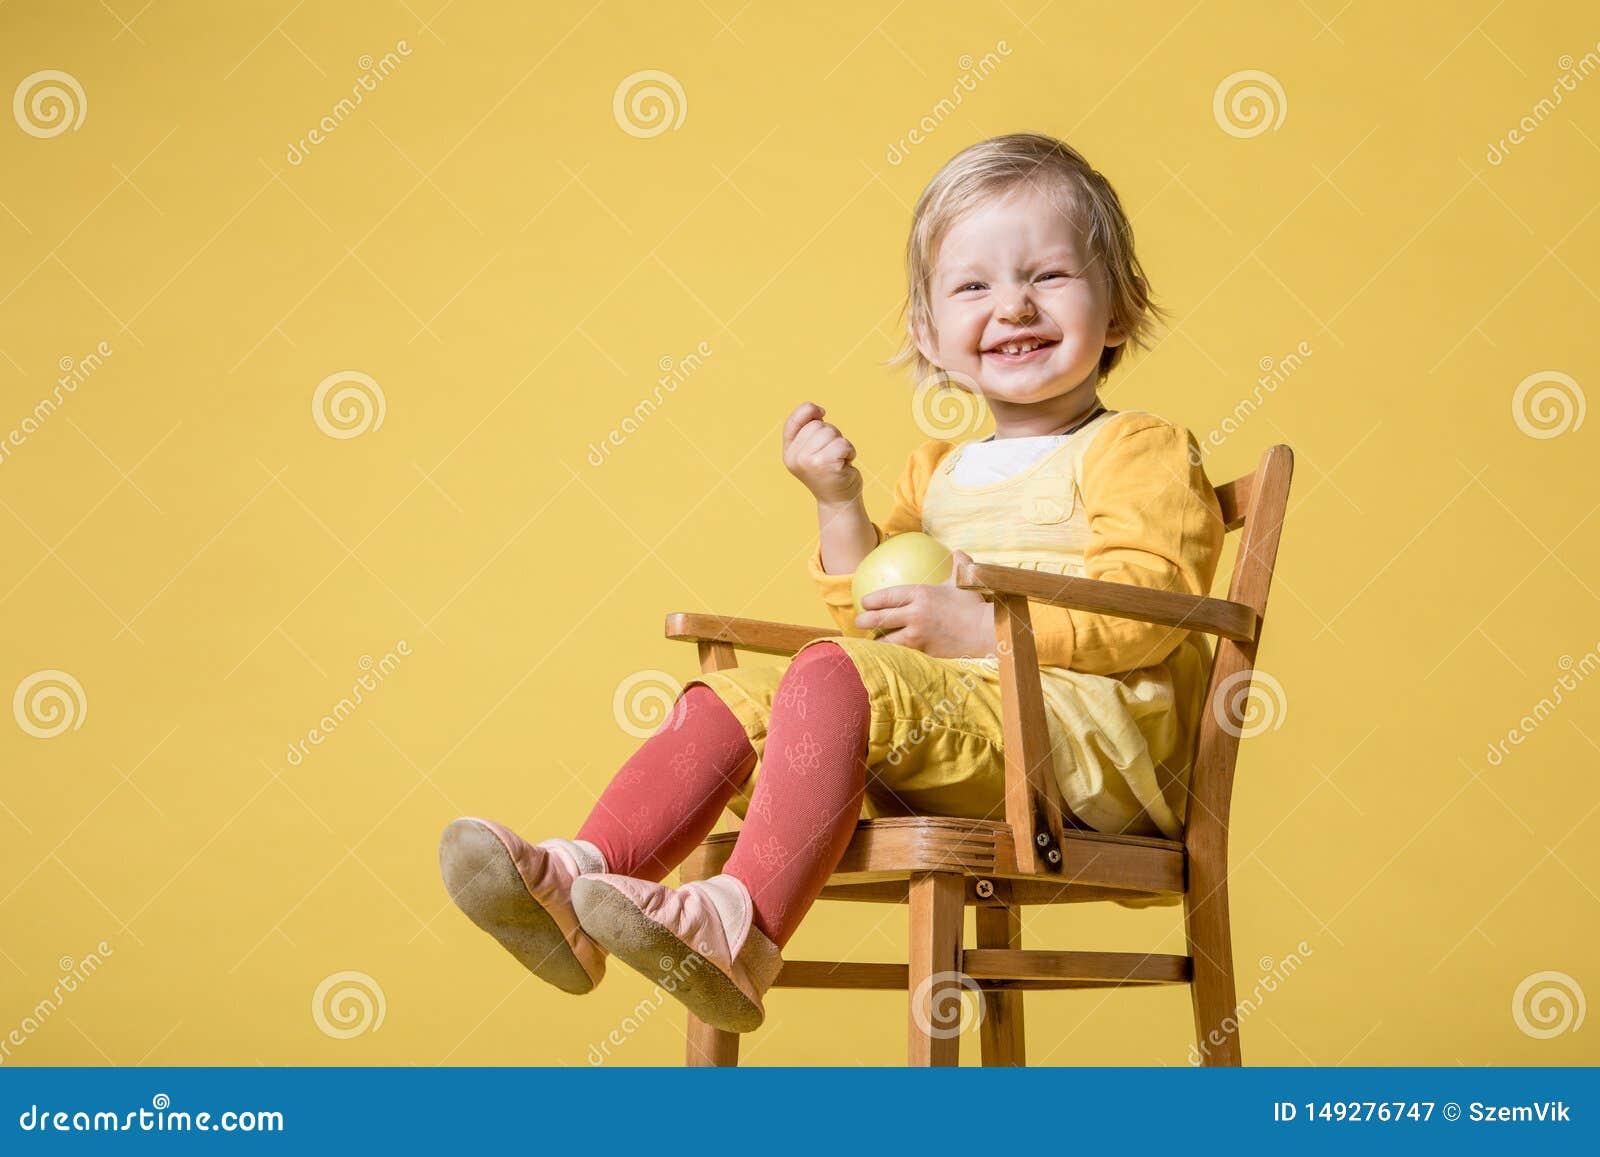 M?oda dziewczynka w kolor ?